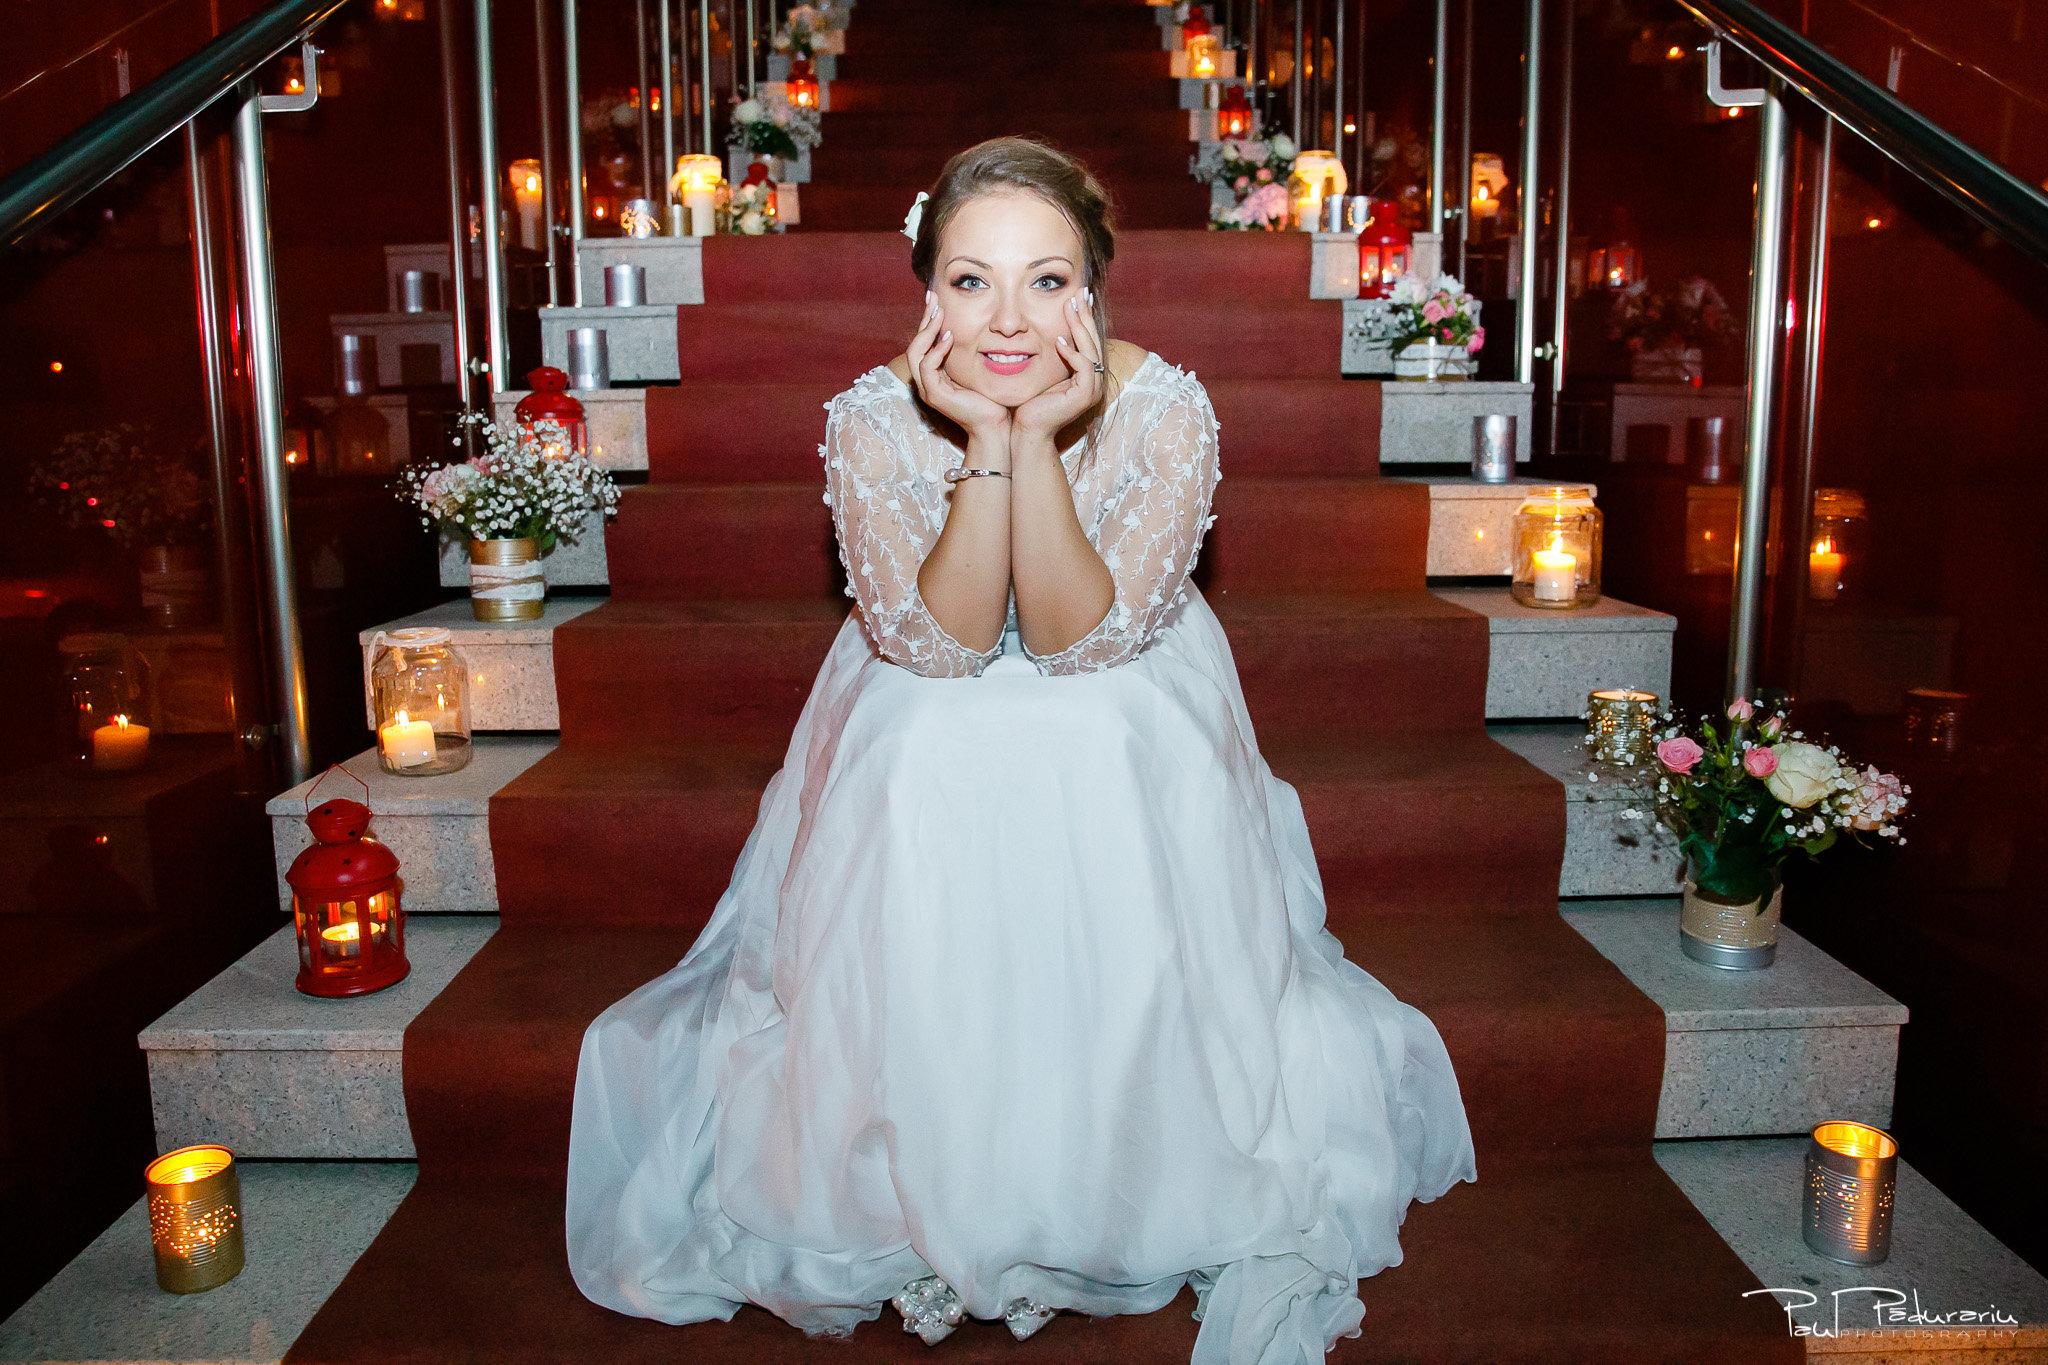 Petrecere la Pleaiada nunta cu tema Paris Ema si Tudor fotograf profesionist de nunta iasi www.paulpadurariu.ro © 2017 Paul Padurariu - portret furatul miresei